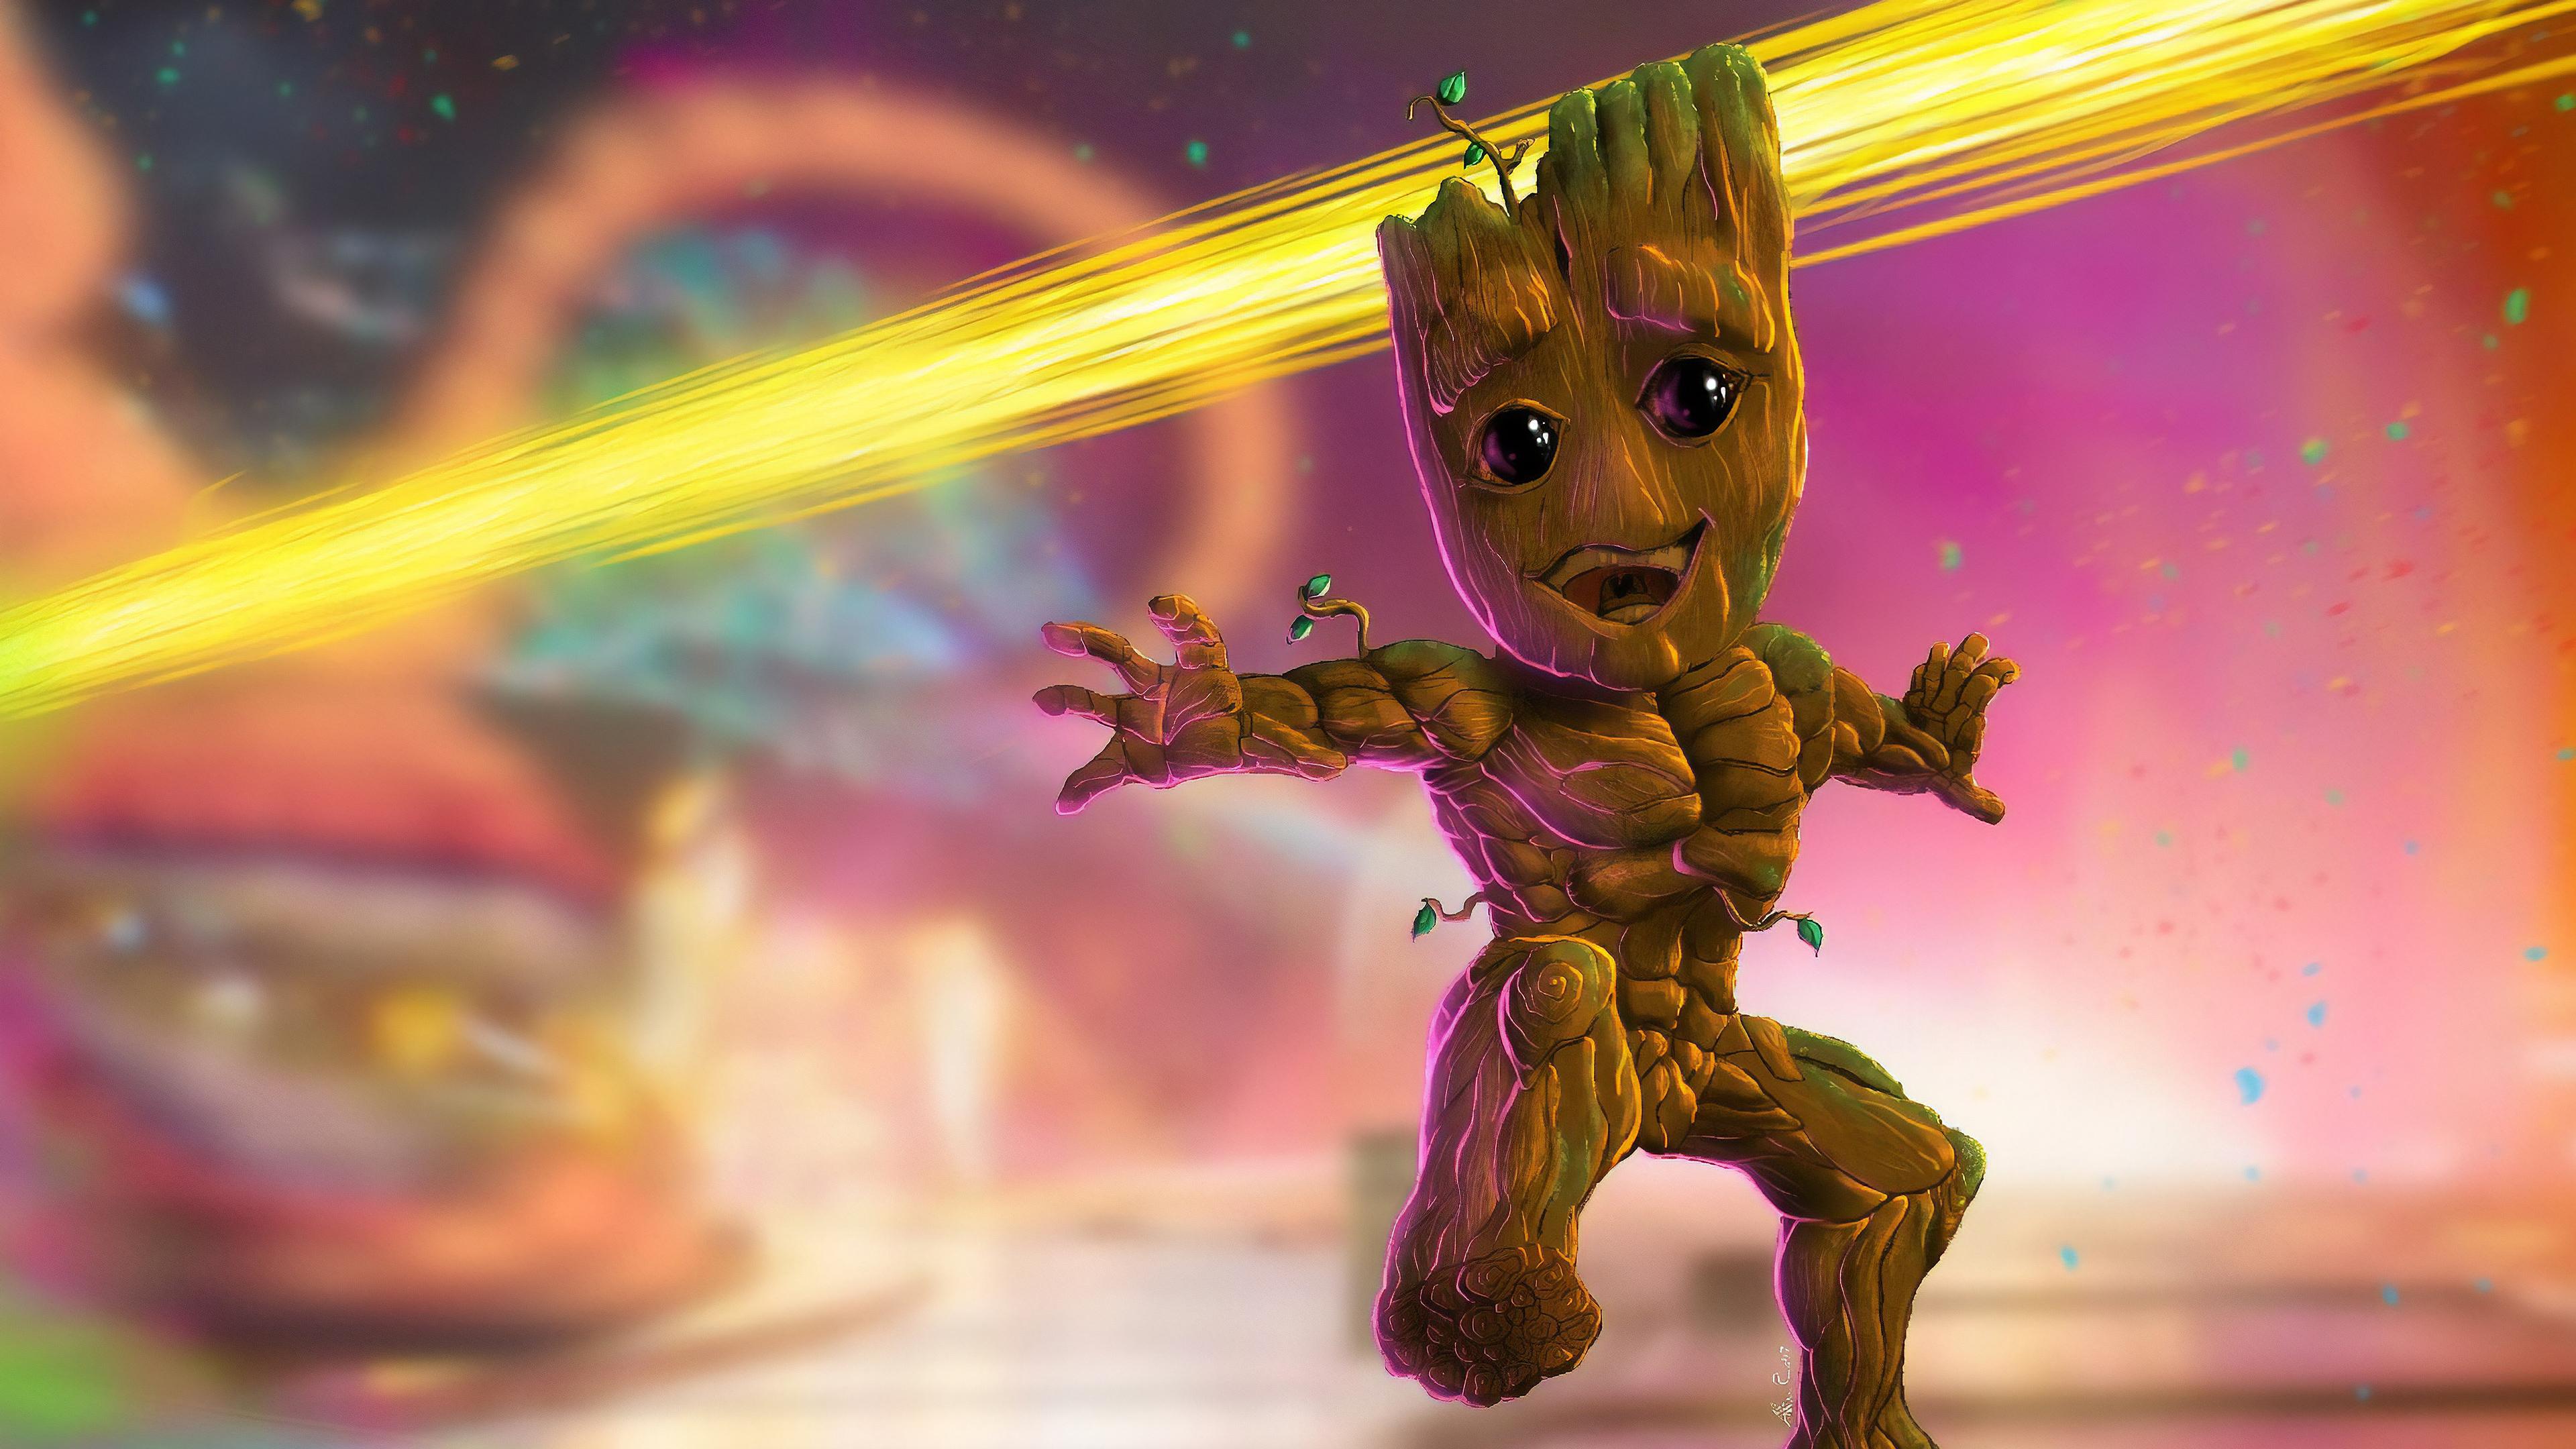 Baby Groot 4k 2019, HD Superheroes, 4k Wallpapers, Images ...